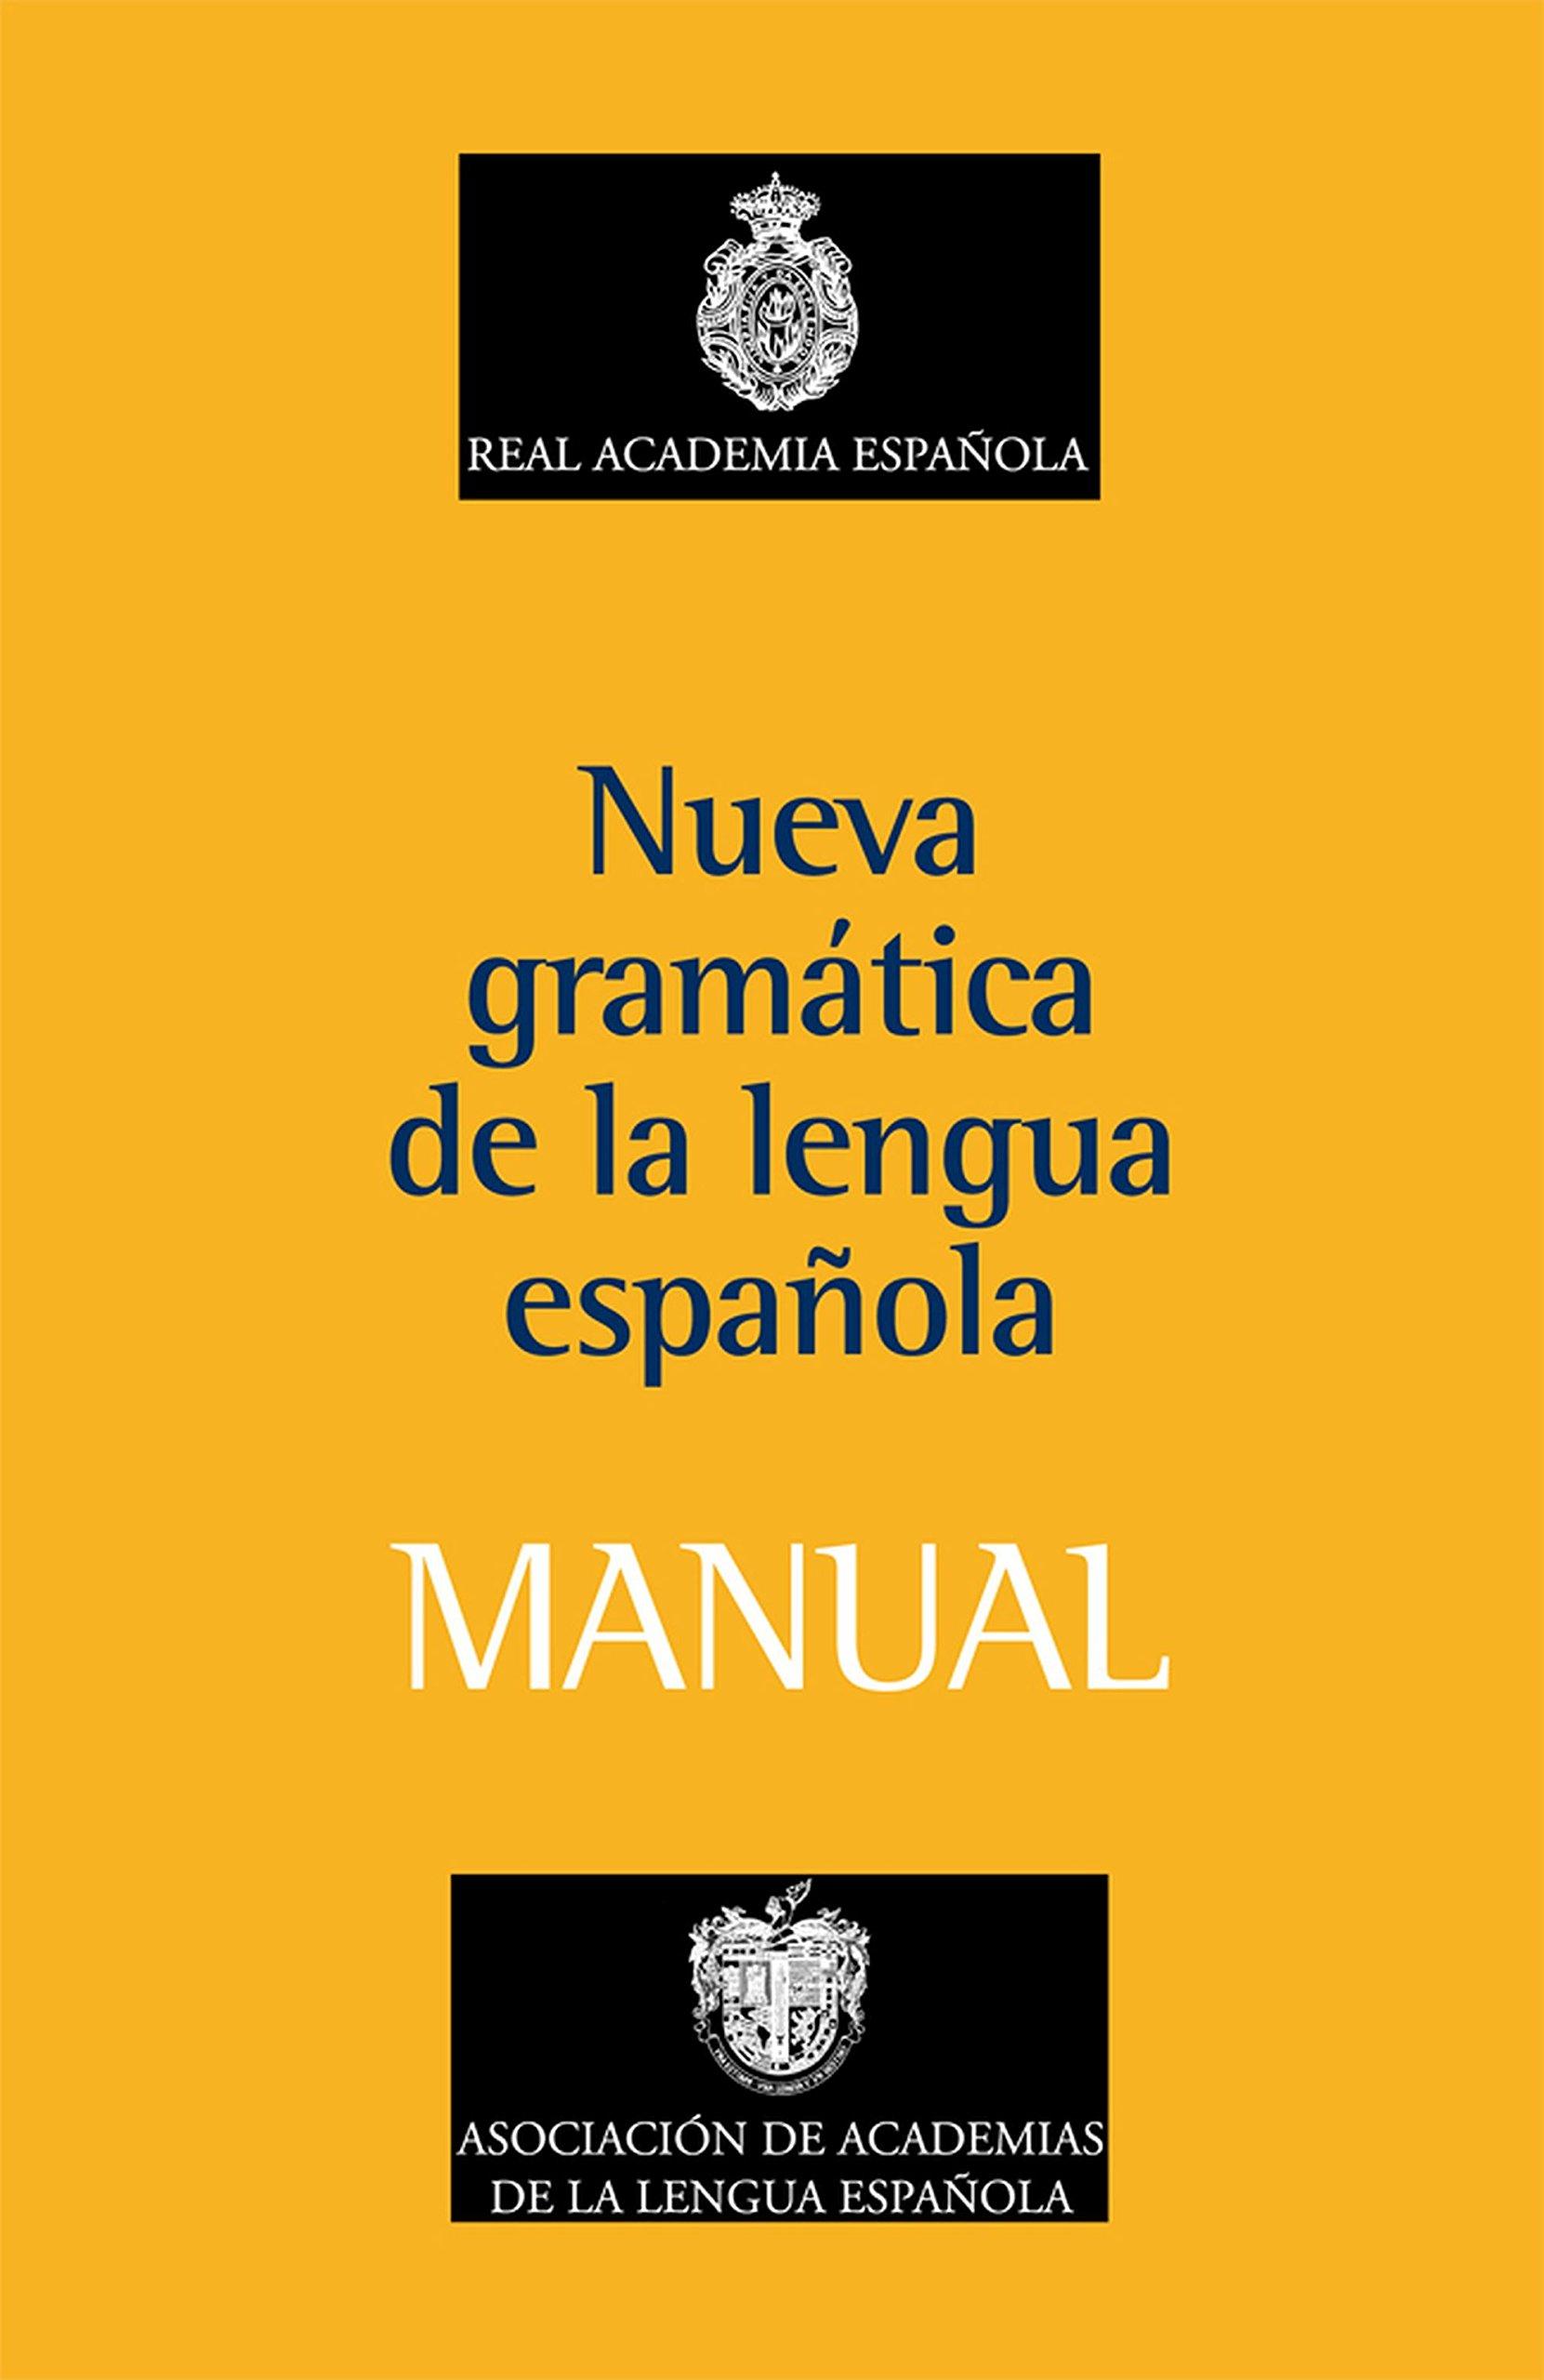 Manual de la Nueva Gramática de la lengua española (NUEVAS OBRAS REAL ACADEMIA) Tapa blanda – 6 may 2010 Real Academia Española Espasa 8467032812 Spanish language - Grammar